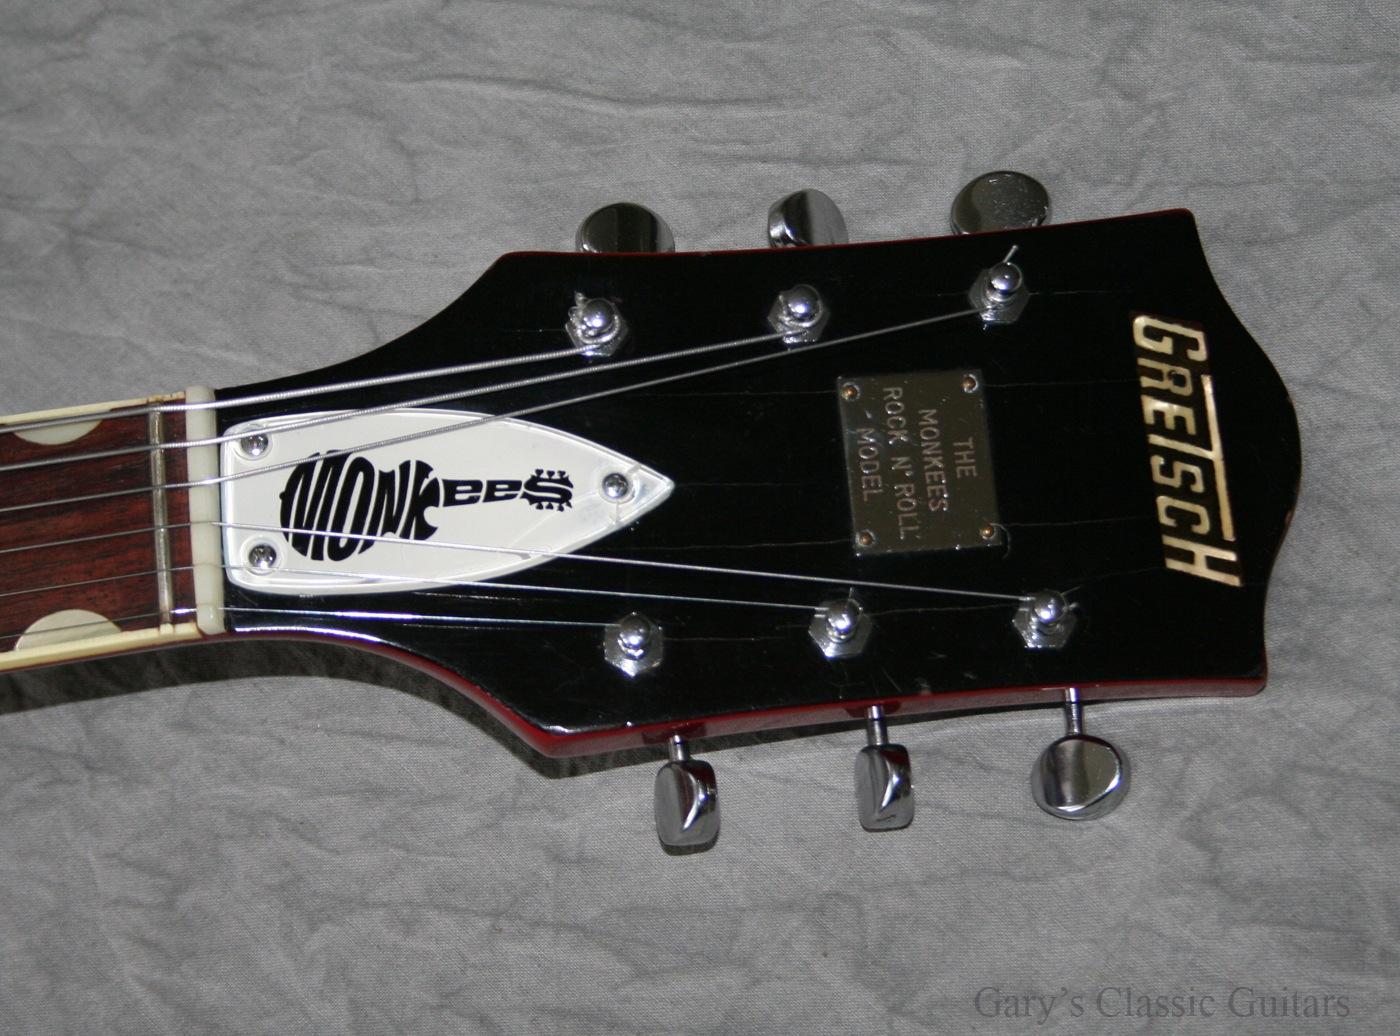 1966 gretsch monkees rock n 39 roll model sold garys - Rock n roll mobel ...